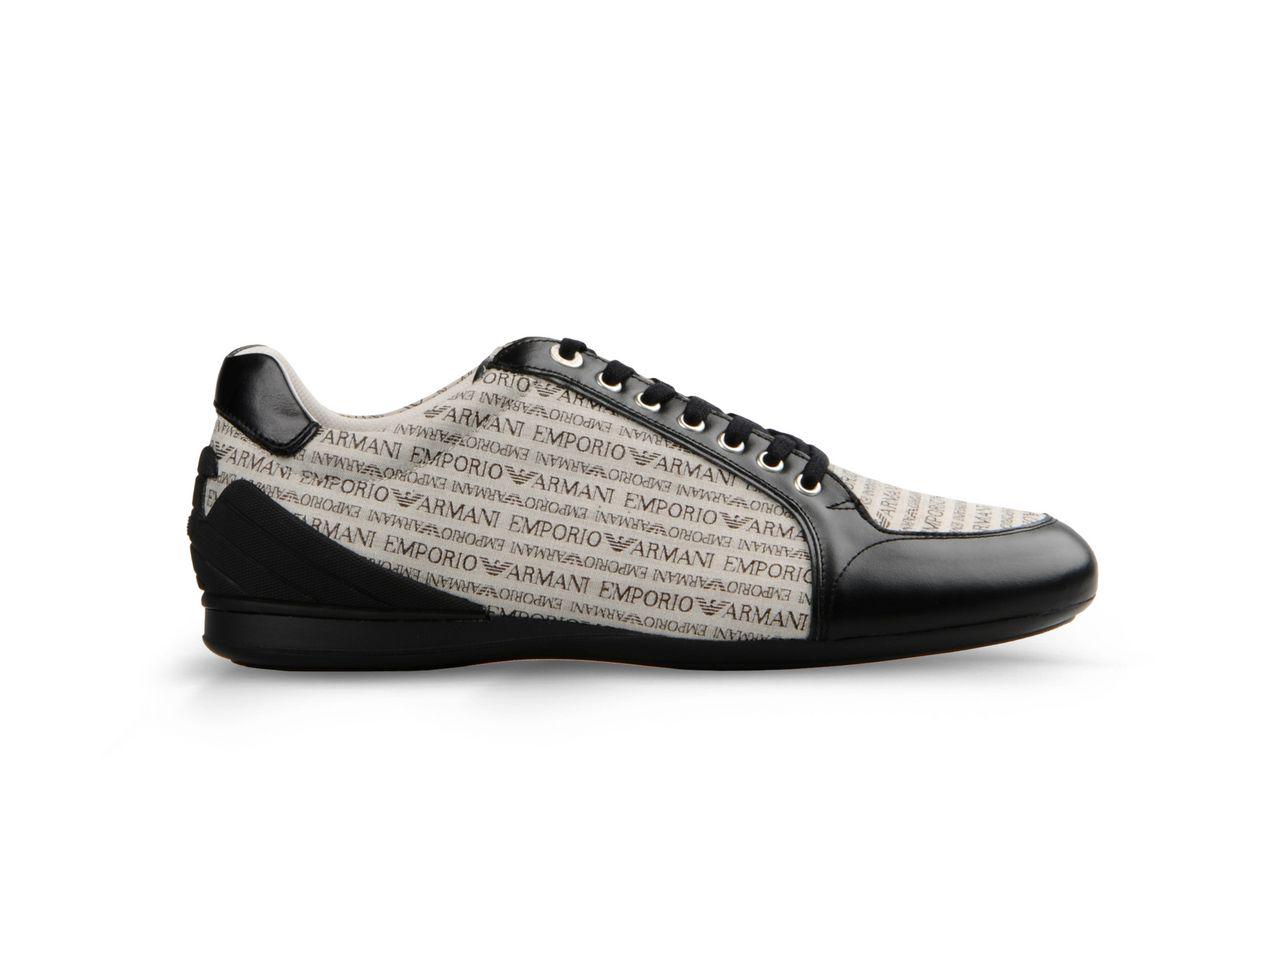 chaussures de sport chic marseille pour homme guide boutiques de mode guide shopping mode